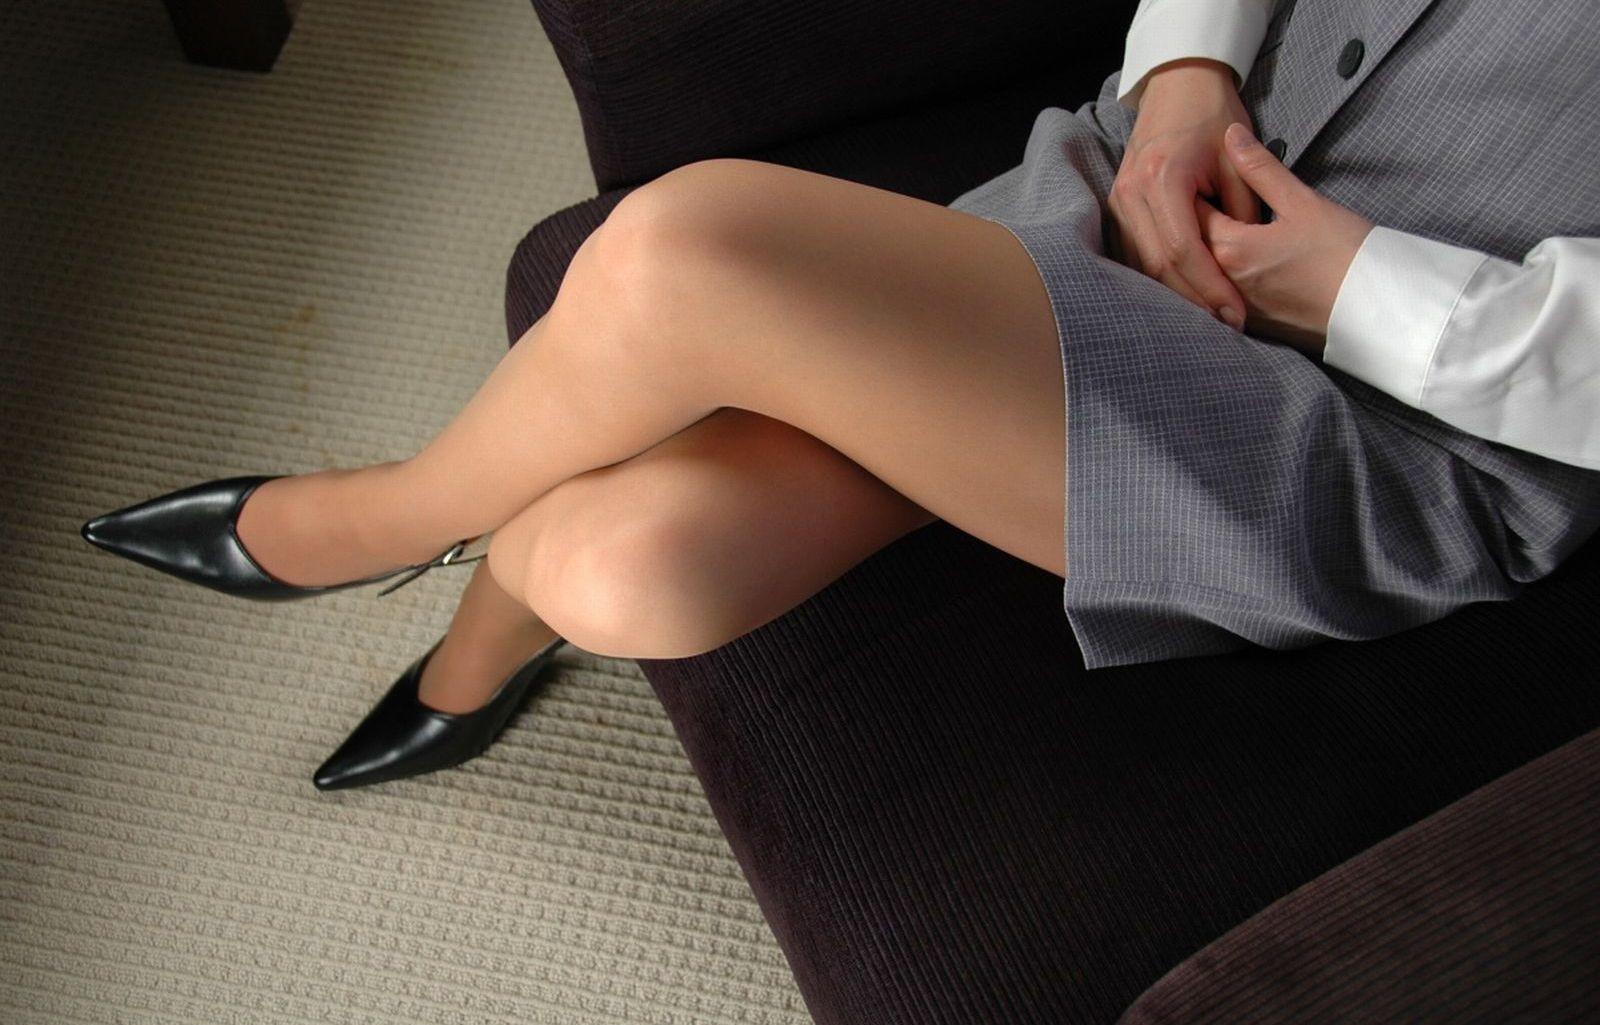 【太ももエロ画像】座るだけでもイイのに組んだらもっと破壊力増大!麗しのムッチリ太ももwww 04